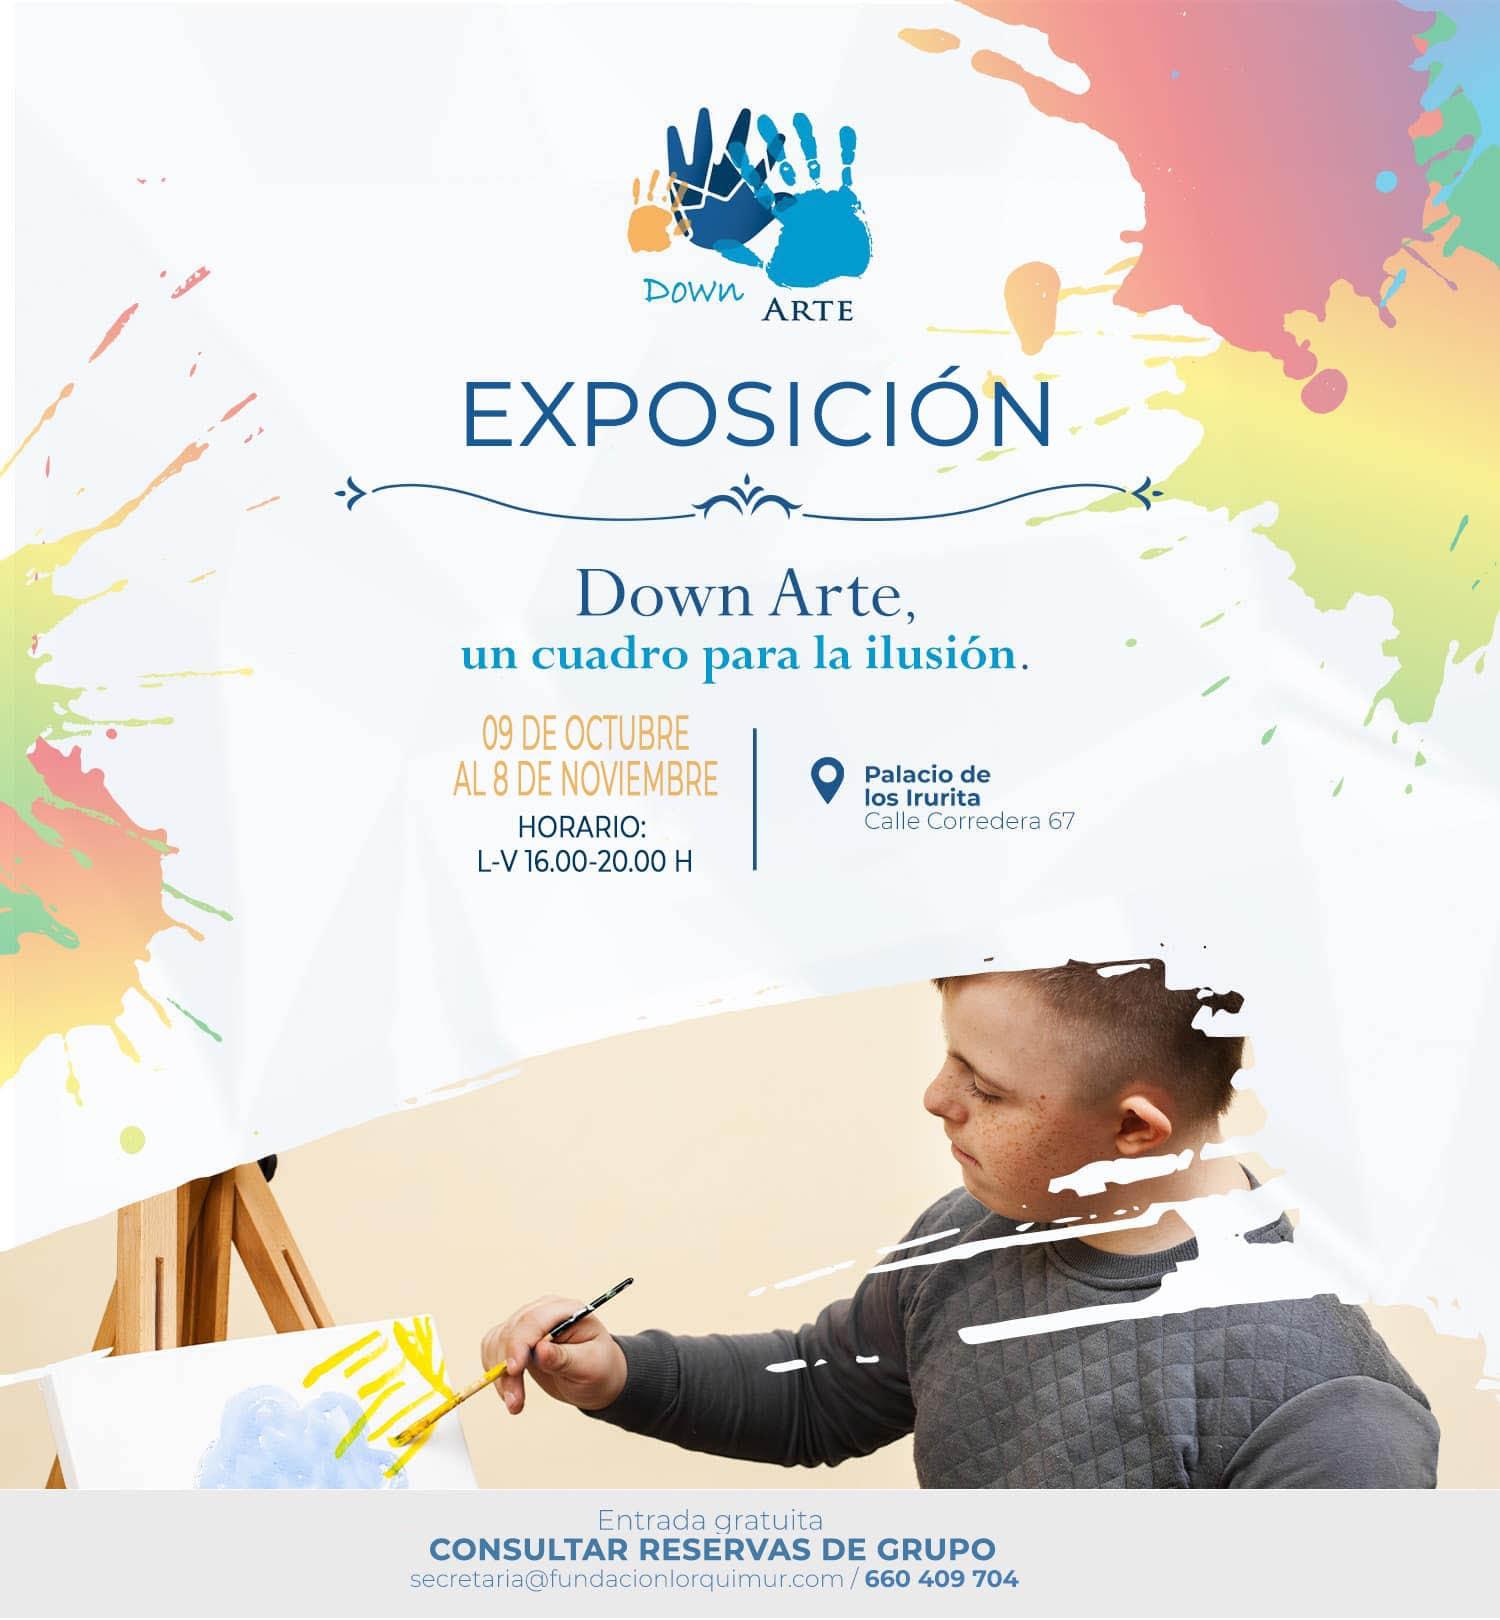 Exposición DownArte Un Cuadro Una Ilusion